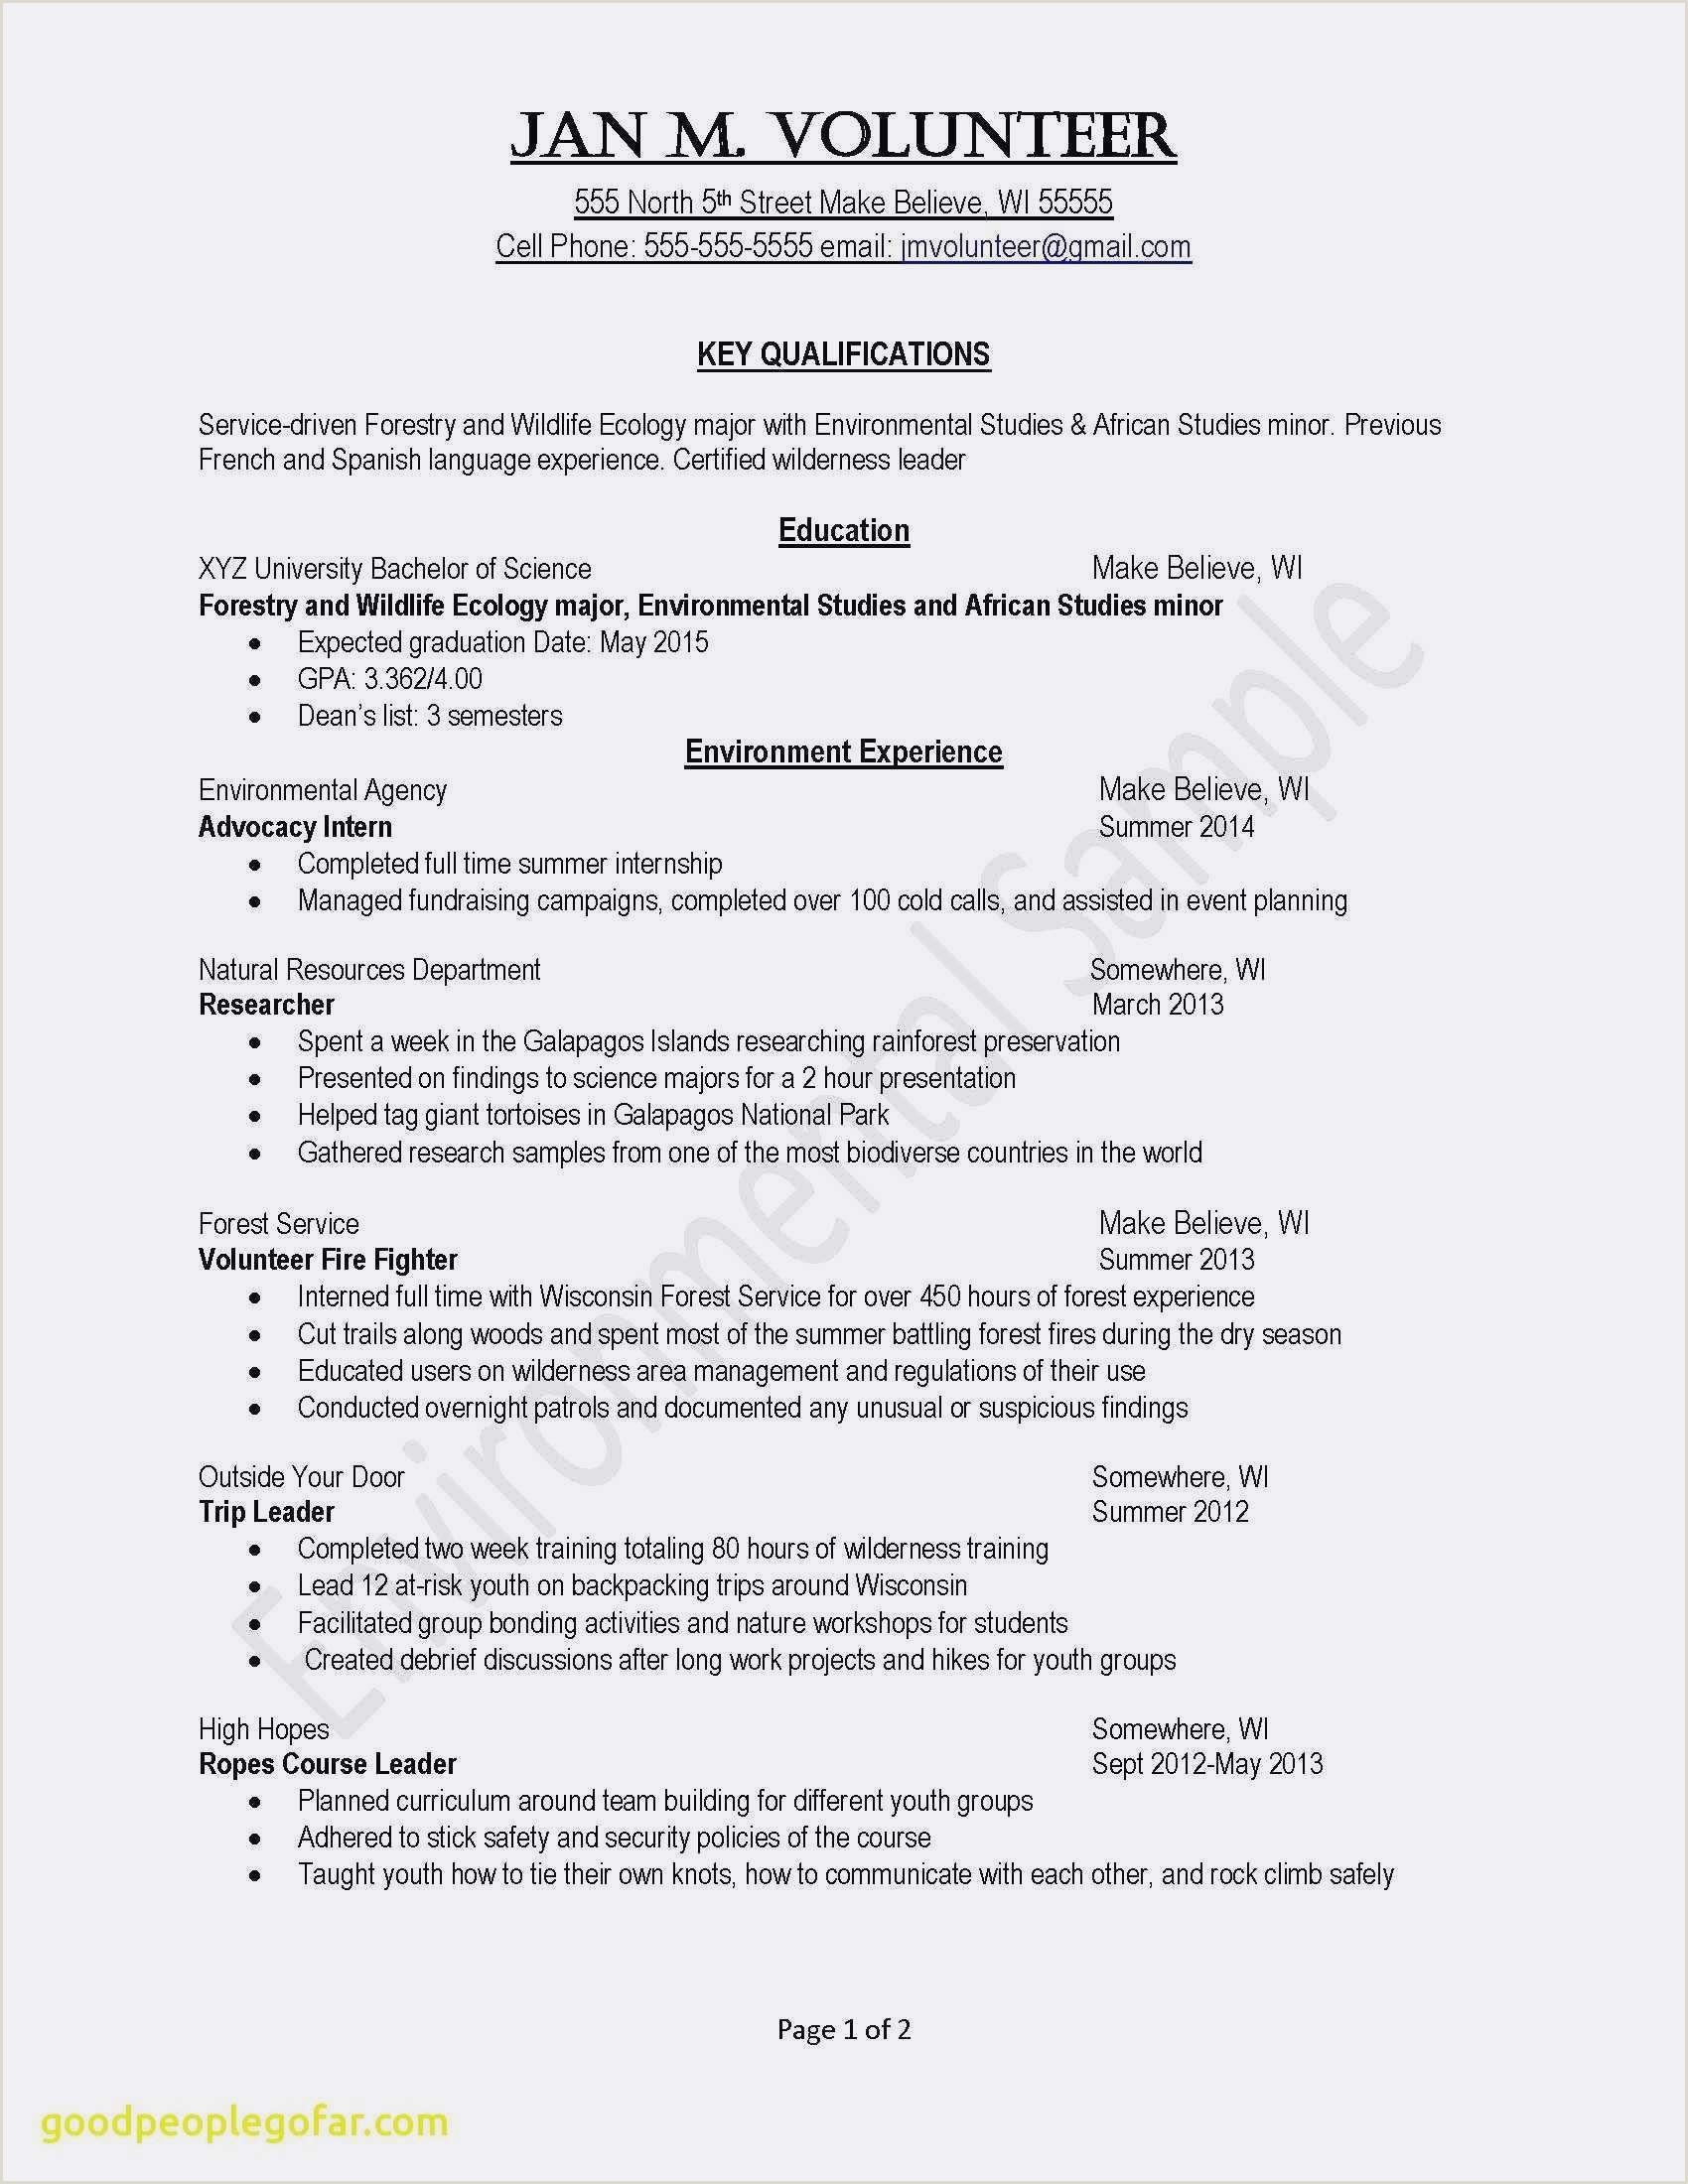 Exemple Cv Etudiant 16 Ans Ty6 Cv 16 Ans Exemple Fresh